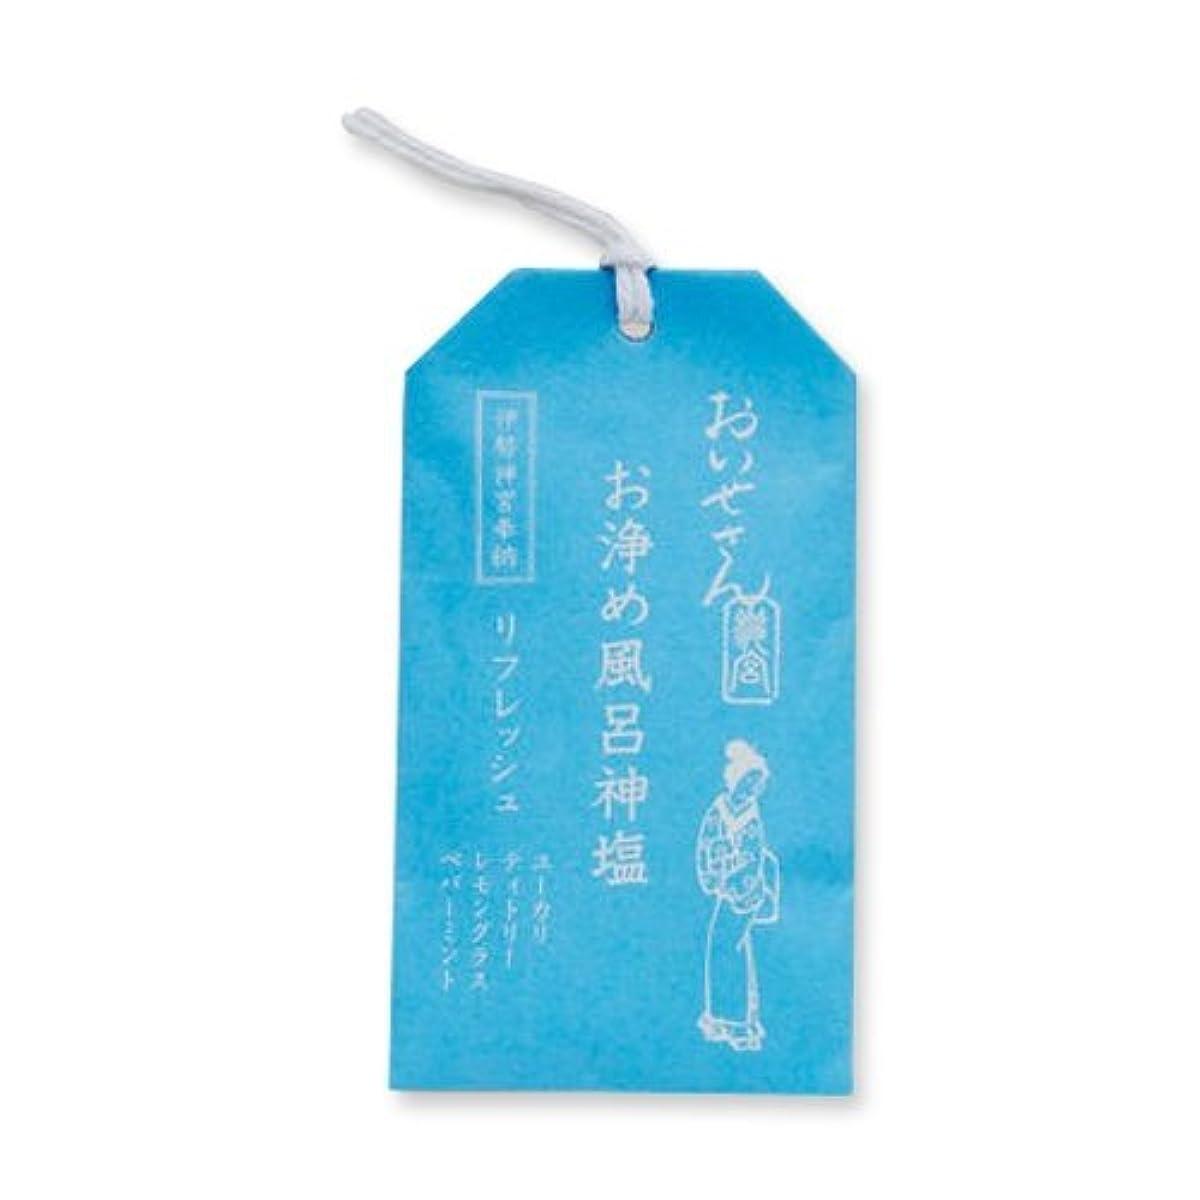 マウンド評価するマイナスおいせさん お浄め風呂神塩 バス用ソルト(リフレッシュ) 20g